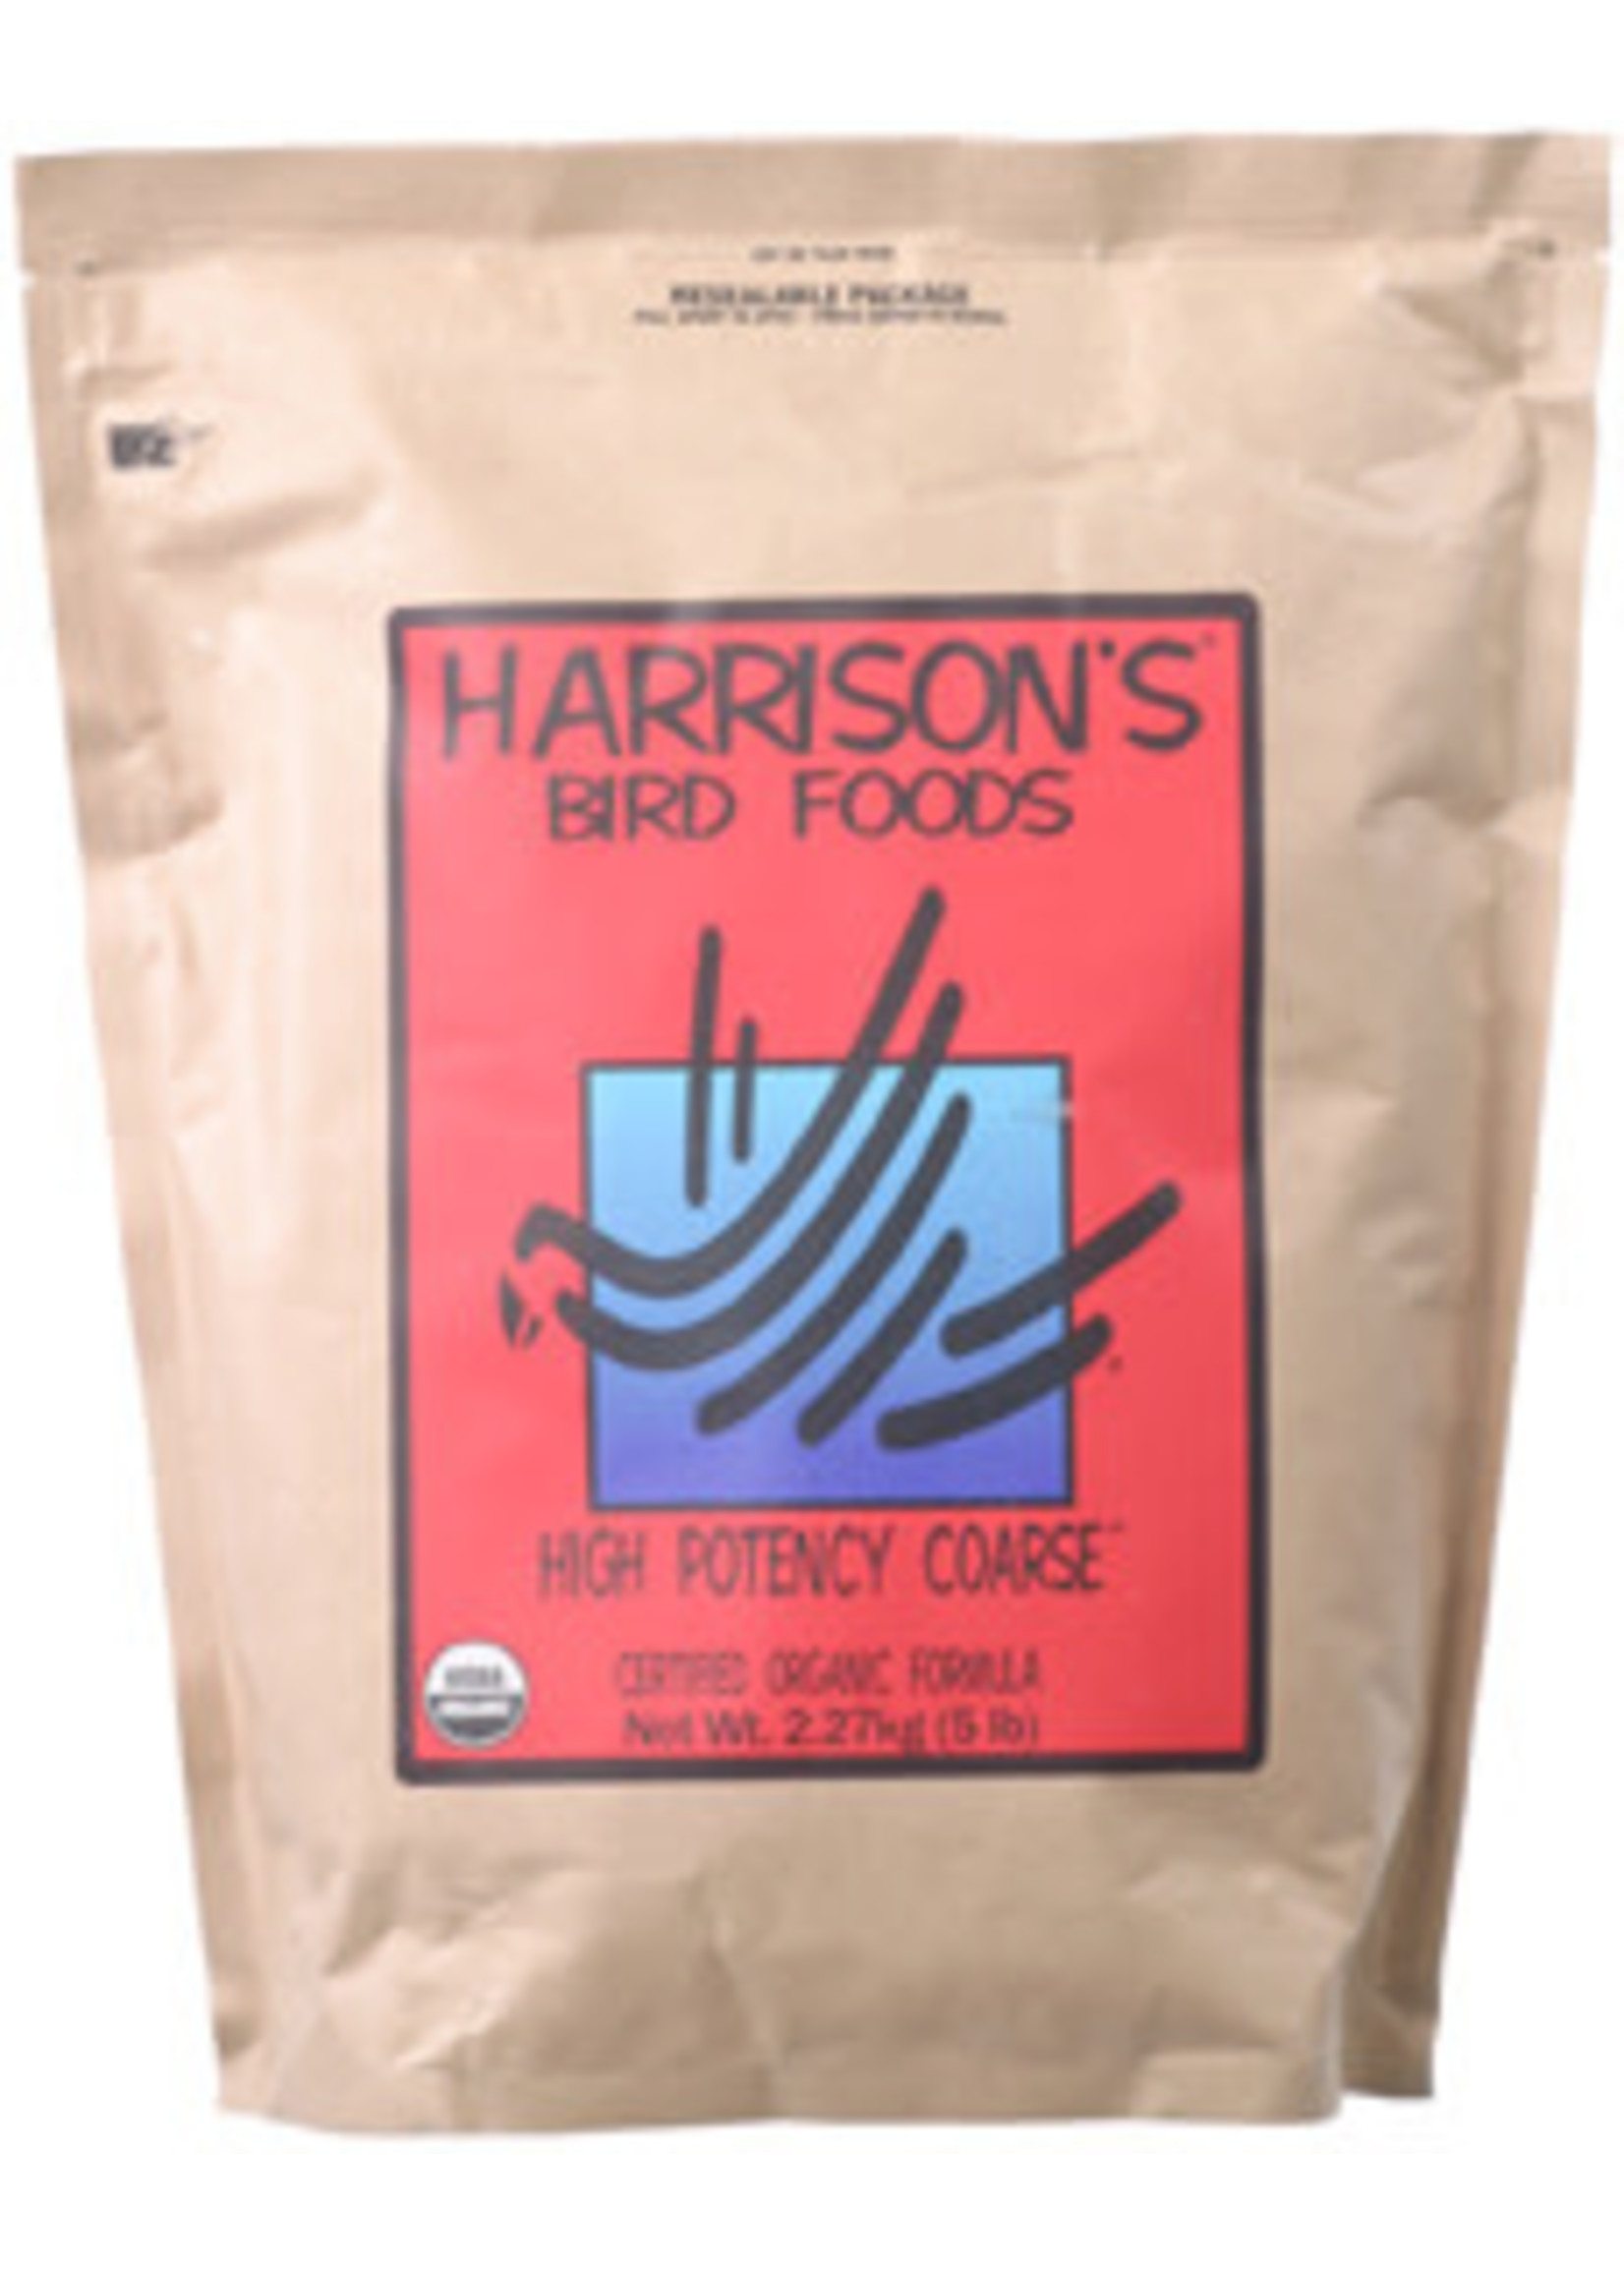 Harrison's Harrison's High Potency Coarse (5 LB)